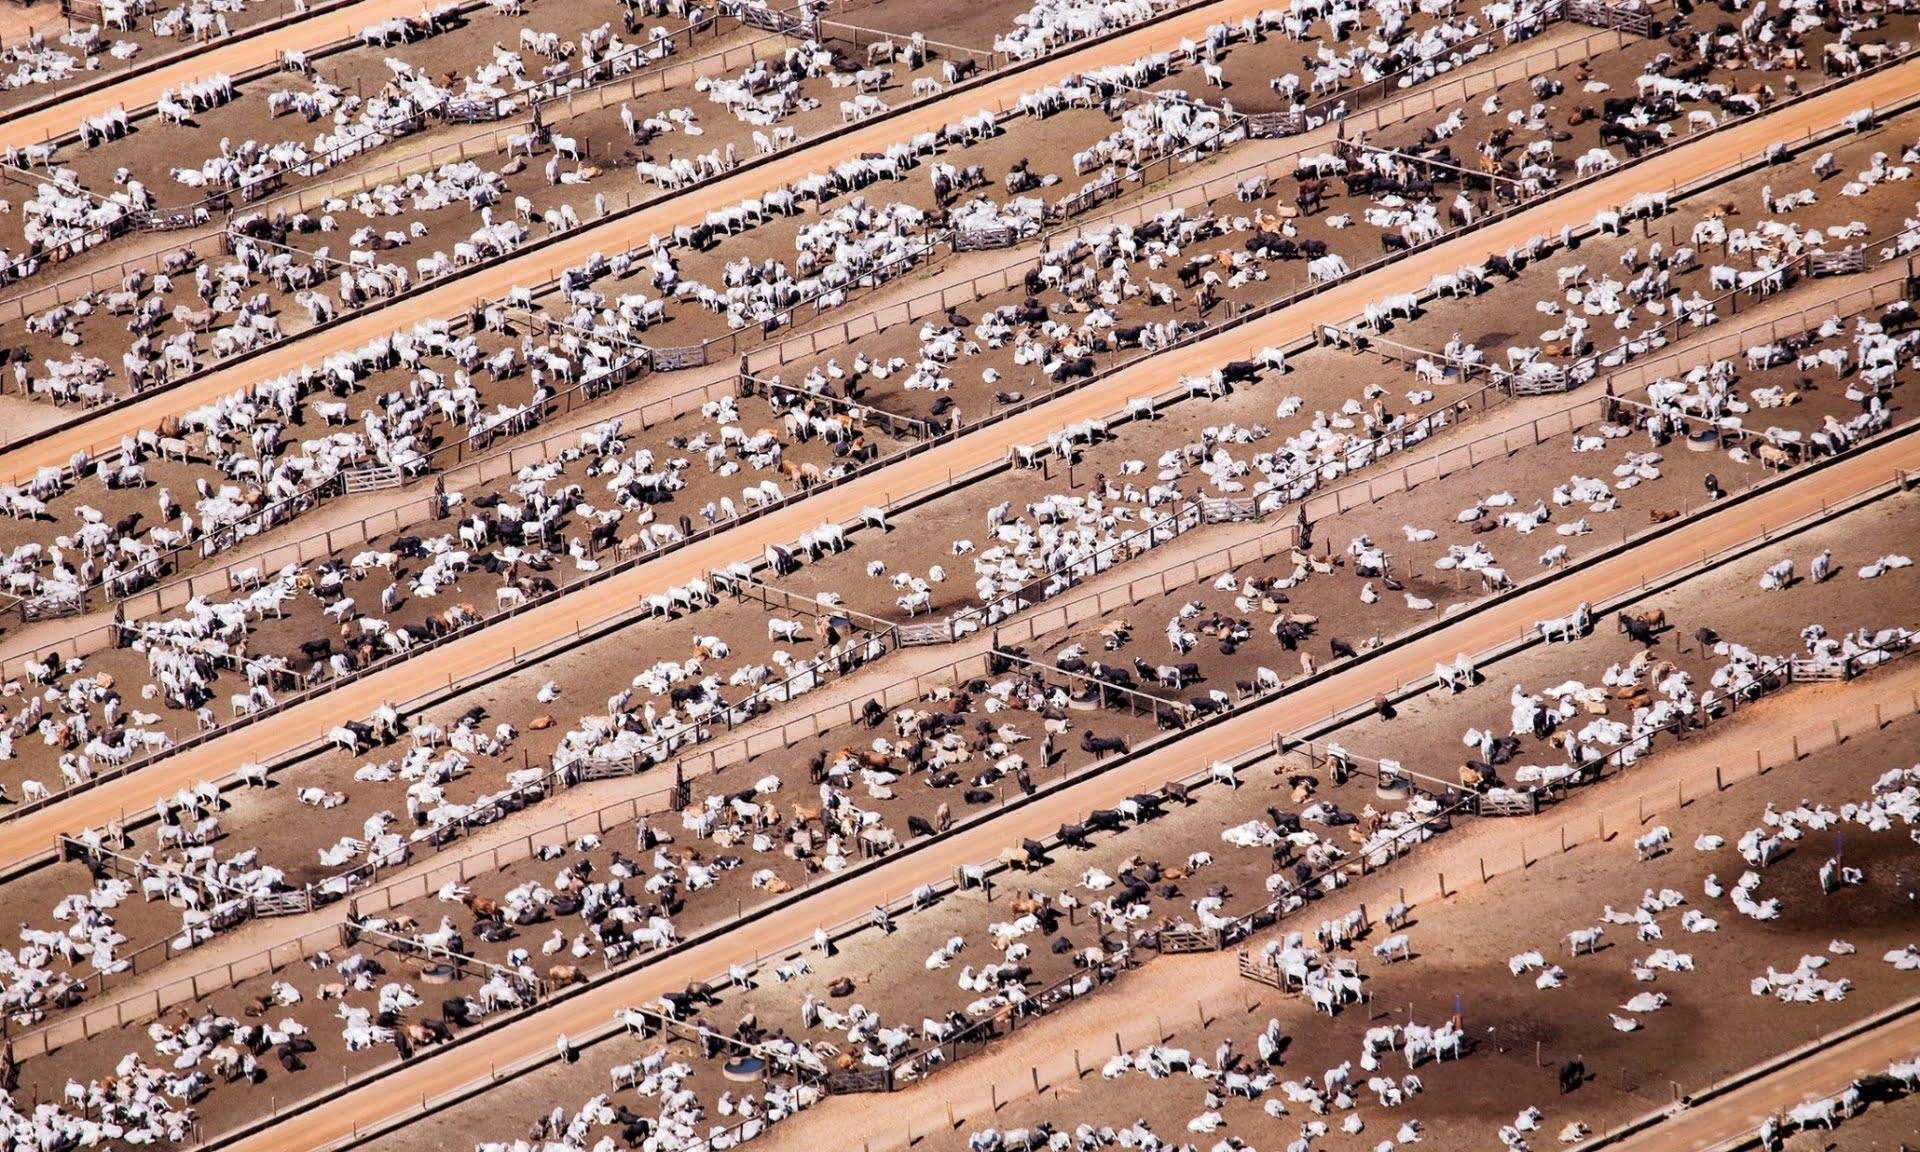 Superpopulação e super consumismo, nossa triste realidade, imagem de confinamento de animais